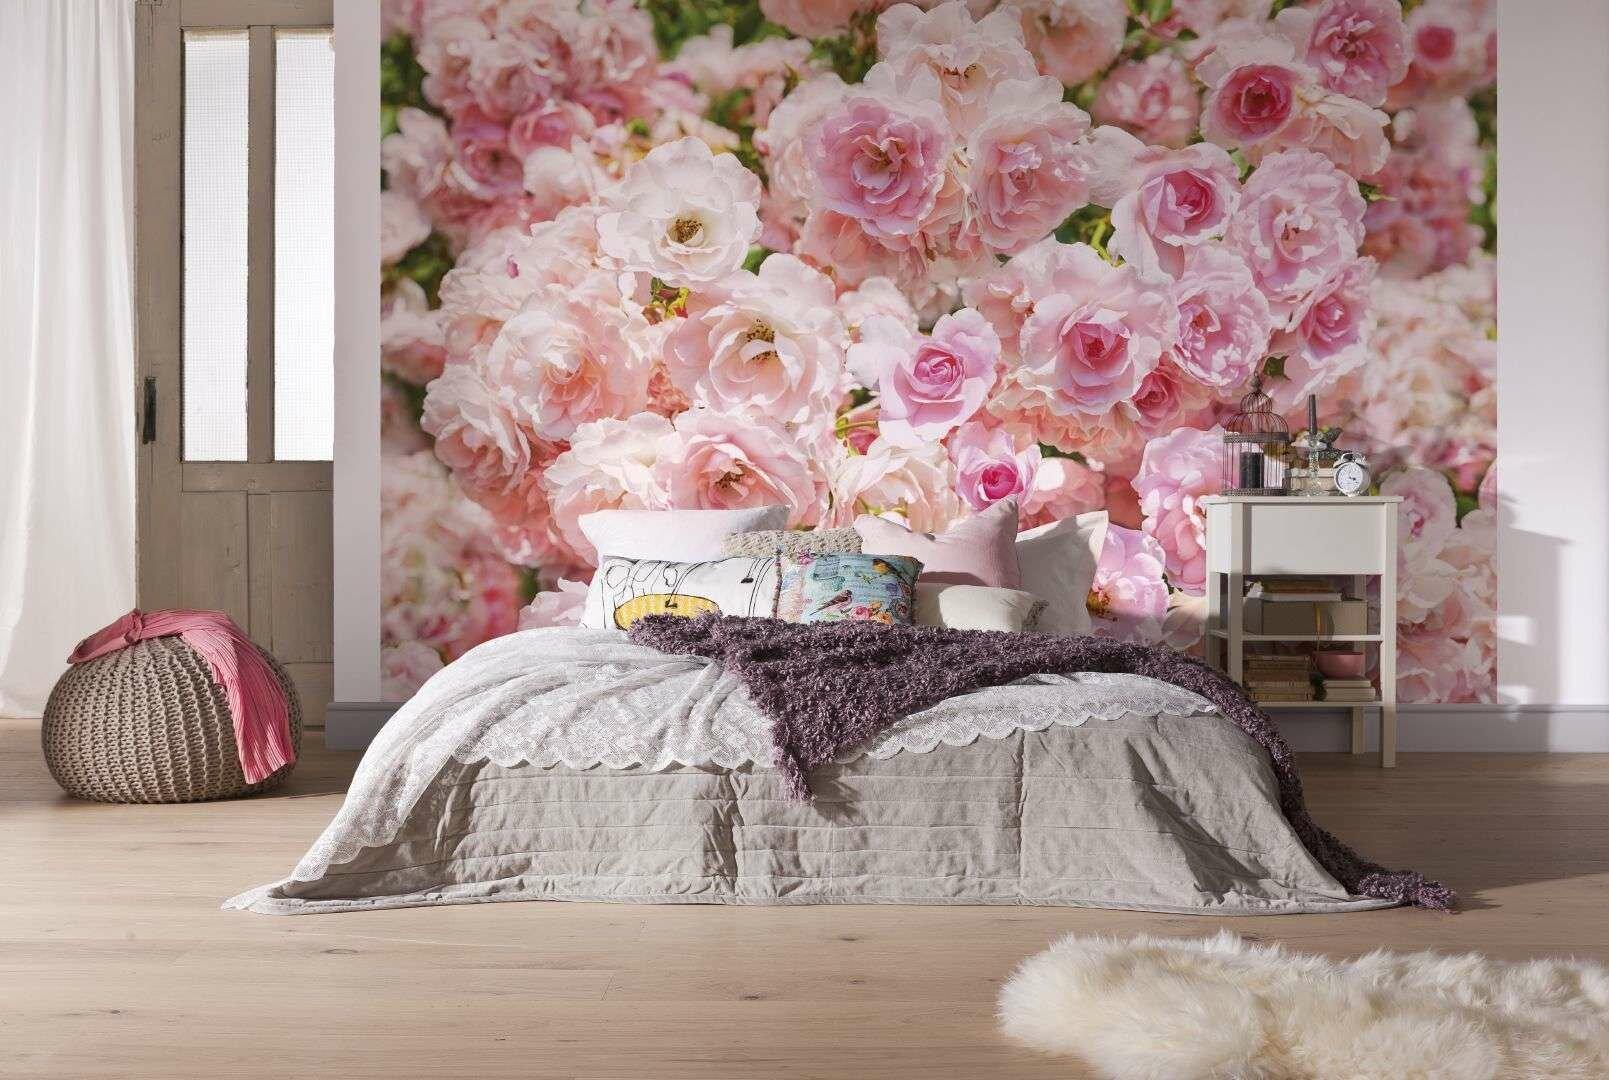 интерьер, фотообои, спальня, цветы, розы